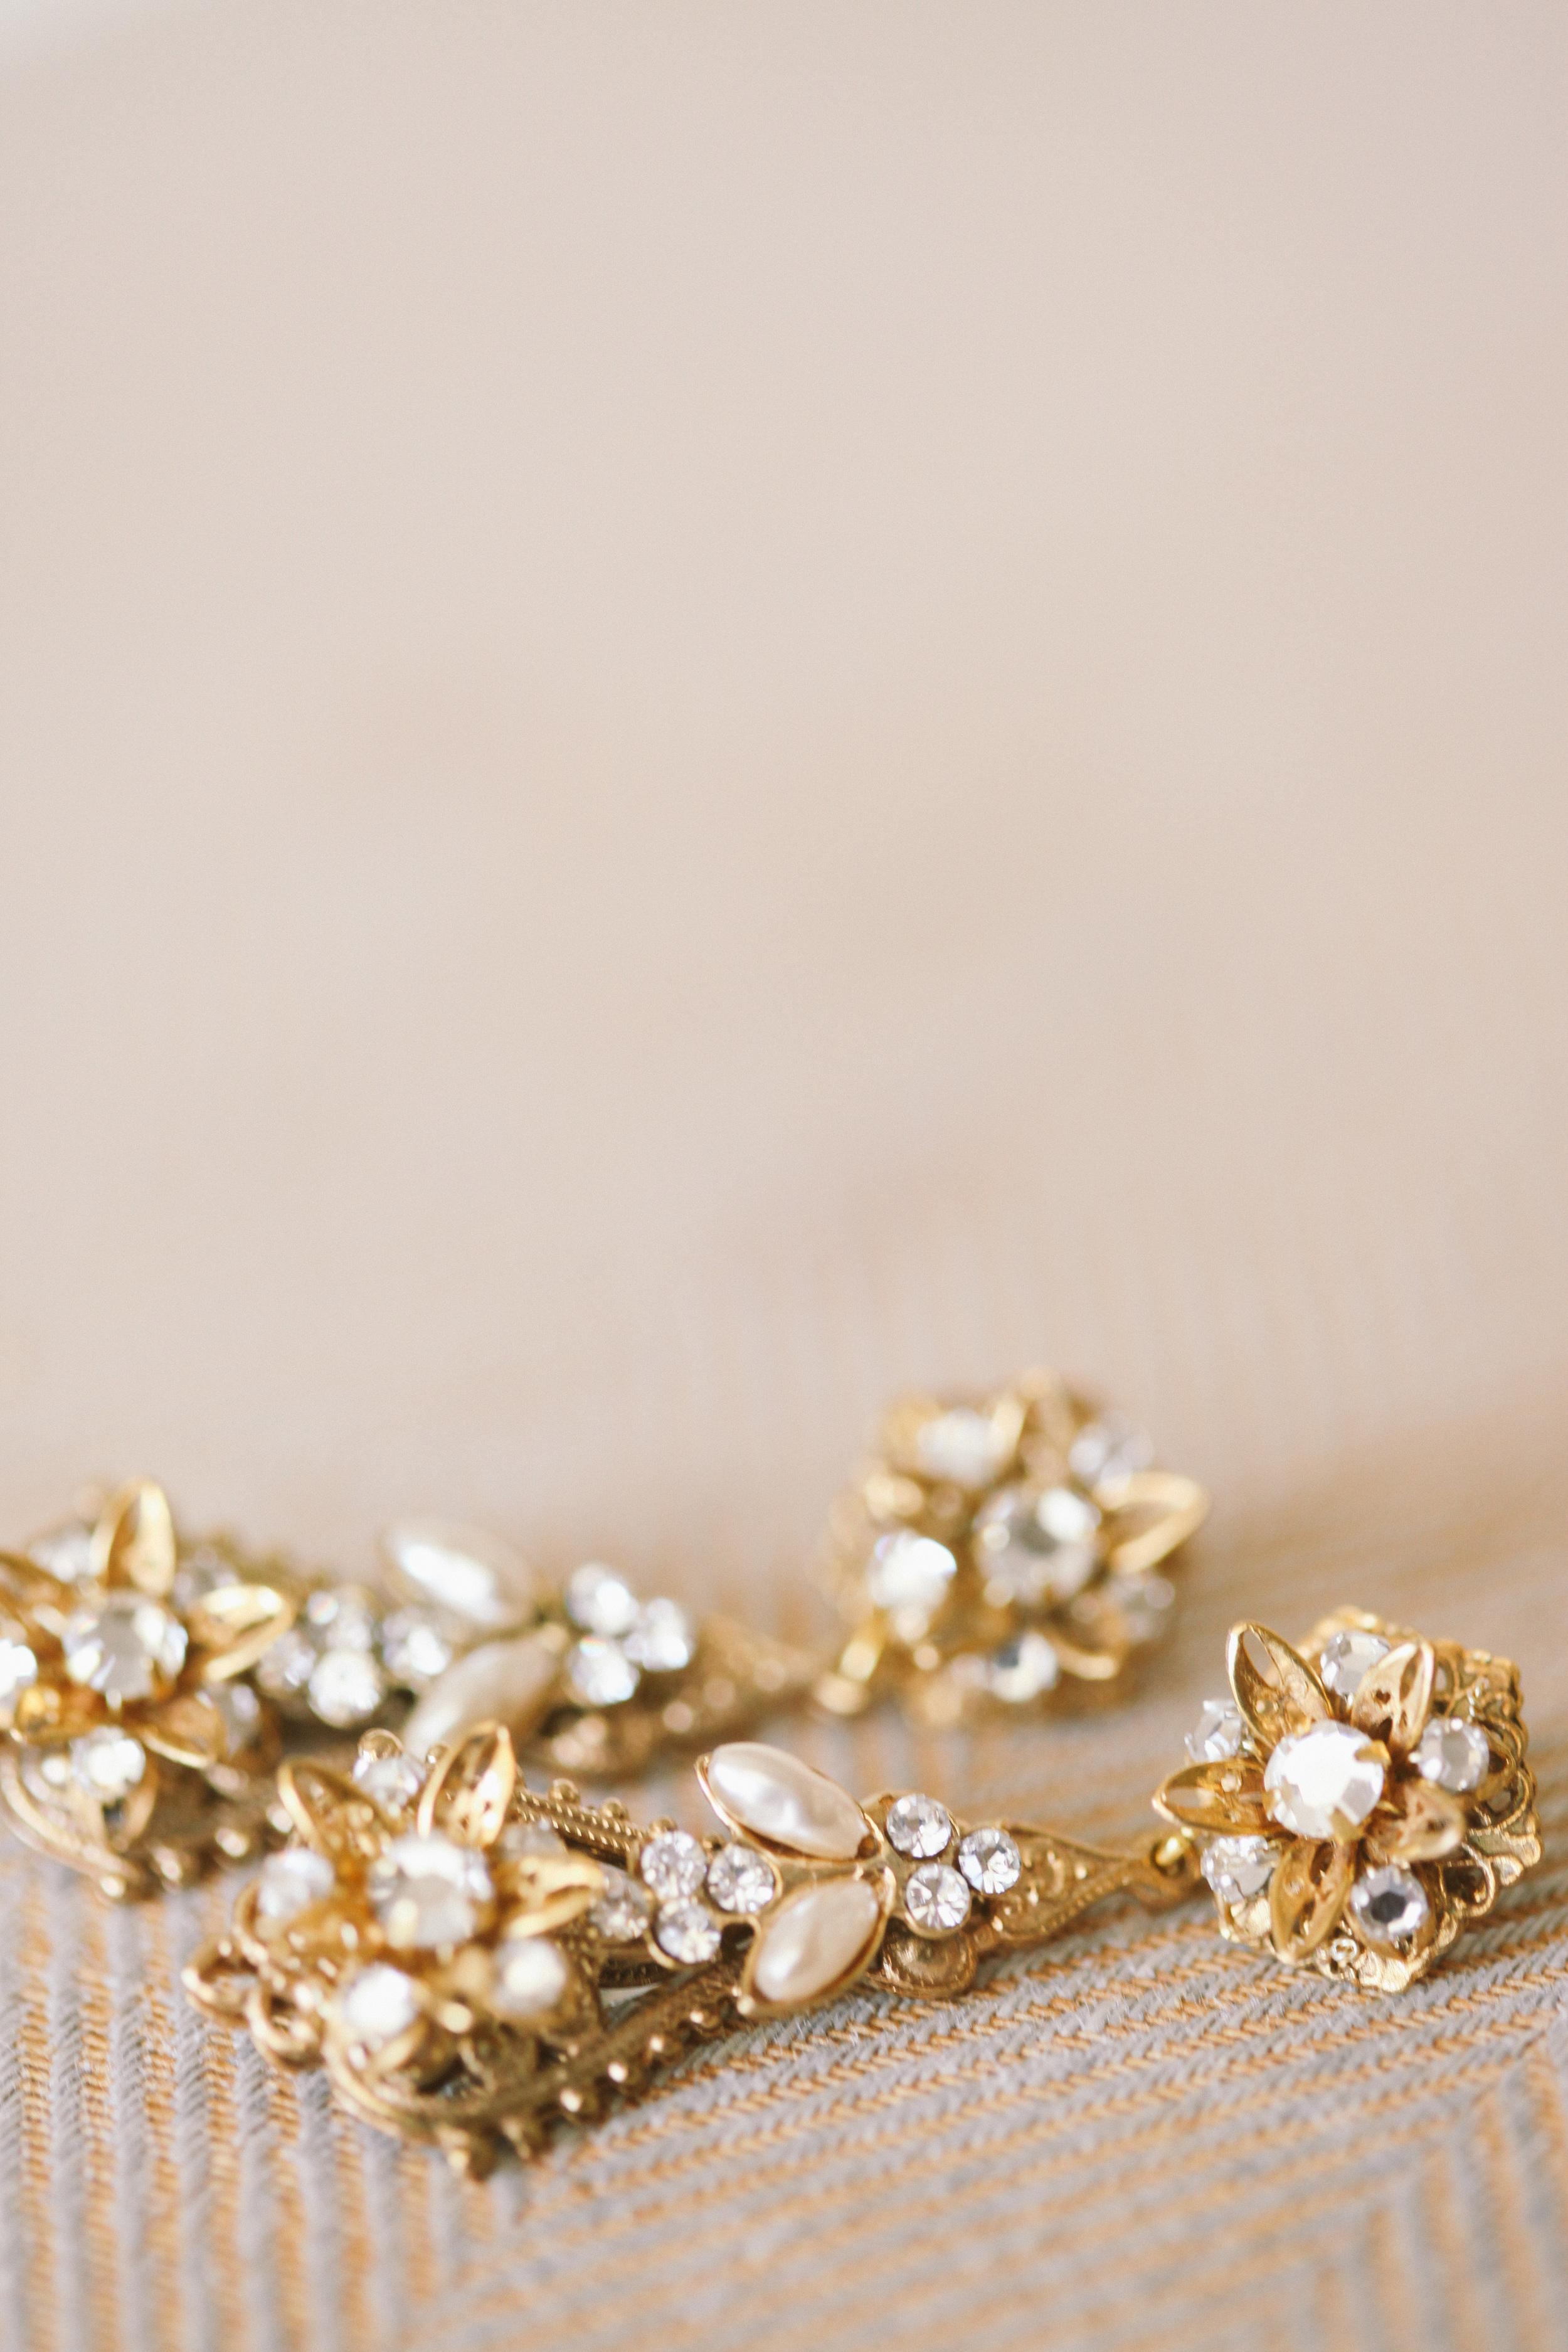 002 jewelry.jpg